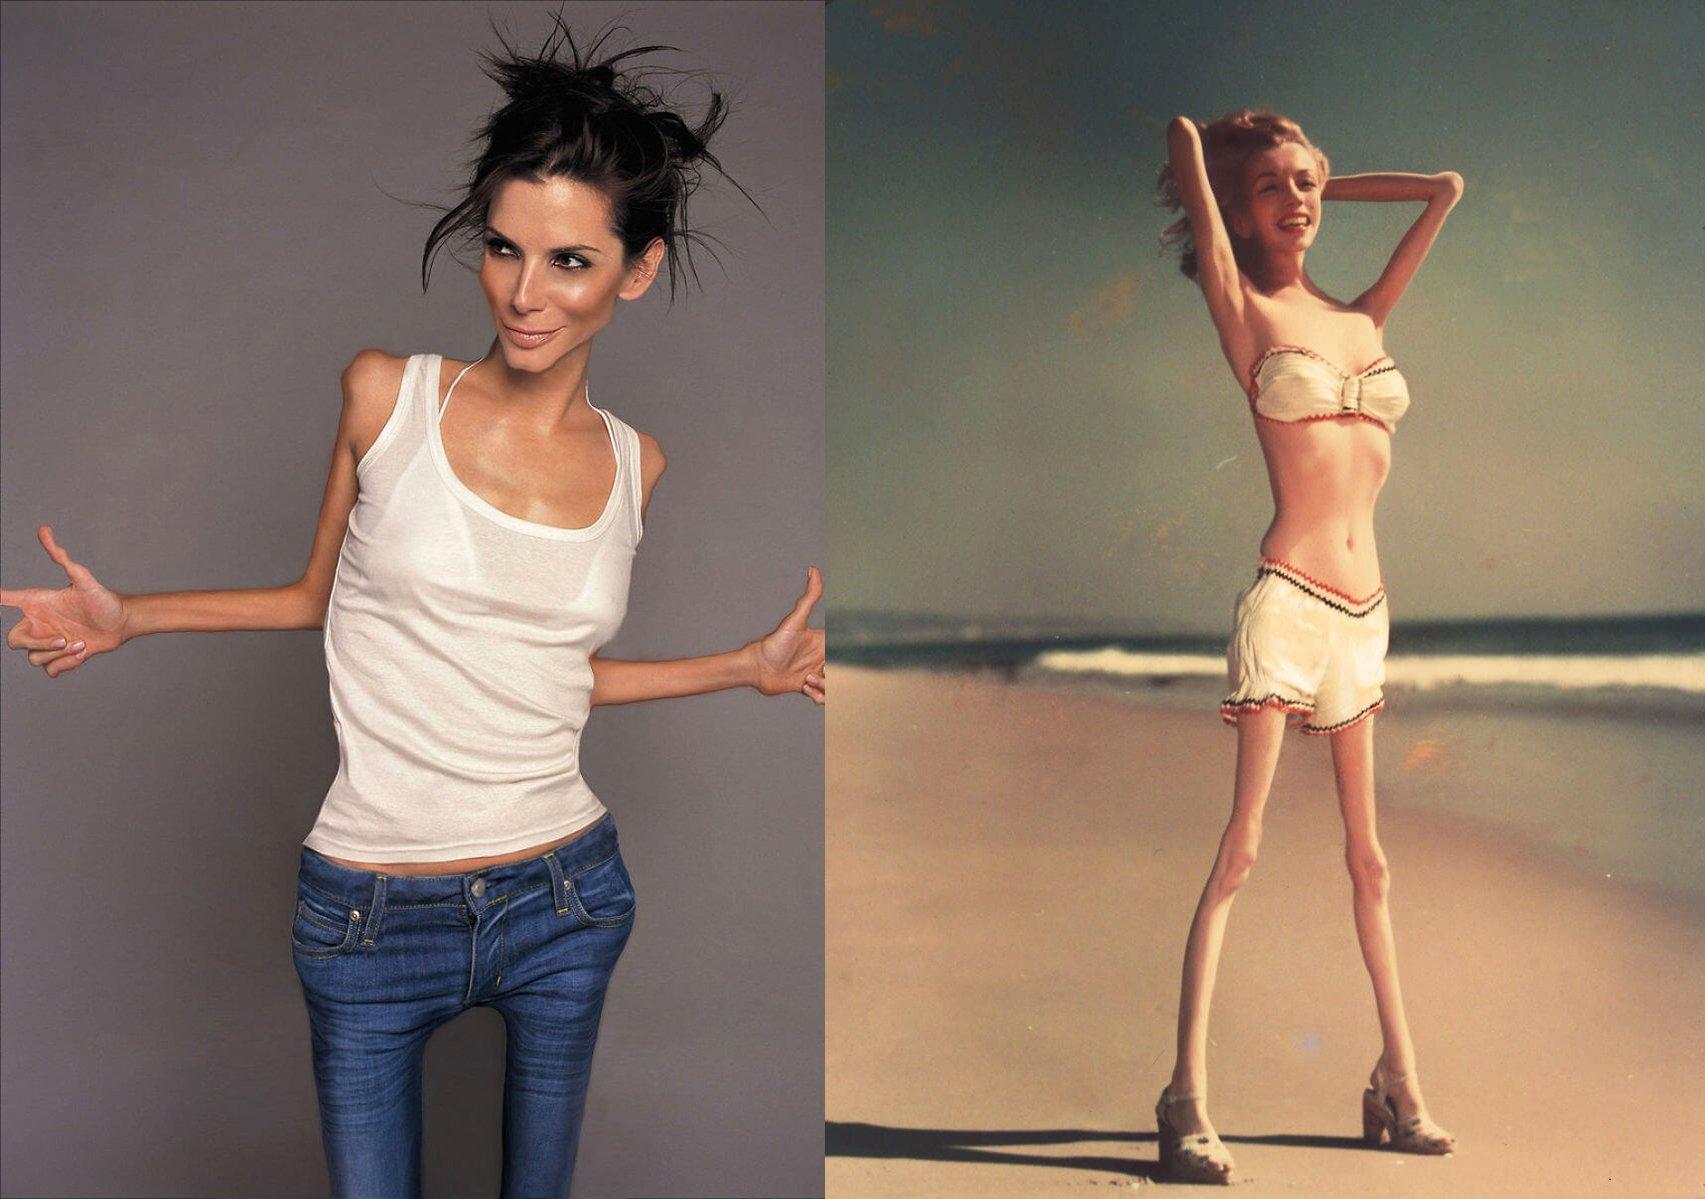 Диеты Худых Моделей. Диета топ моделей: на каких диетах сидят модели, питание и режим для модельной фигурки